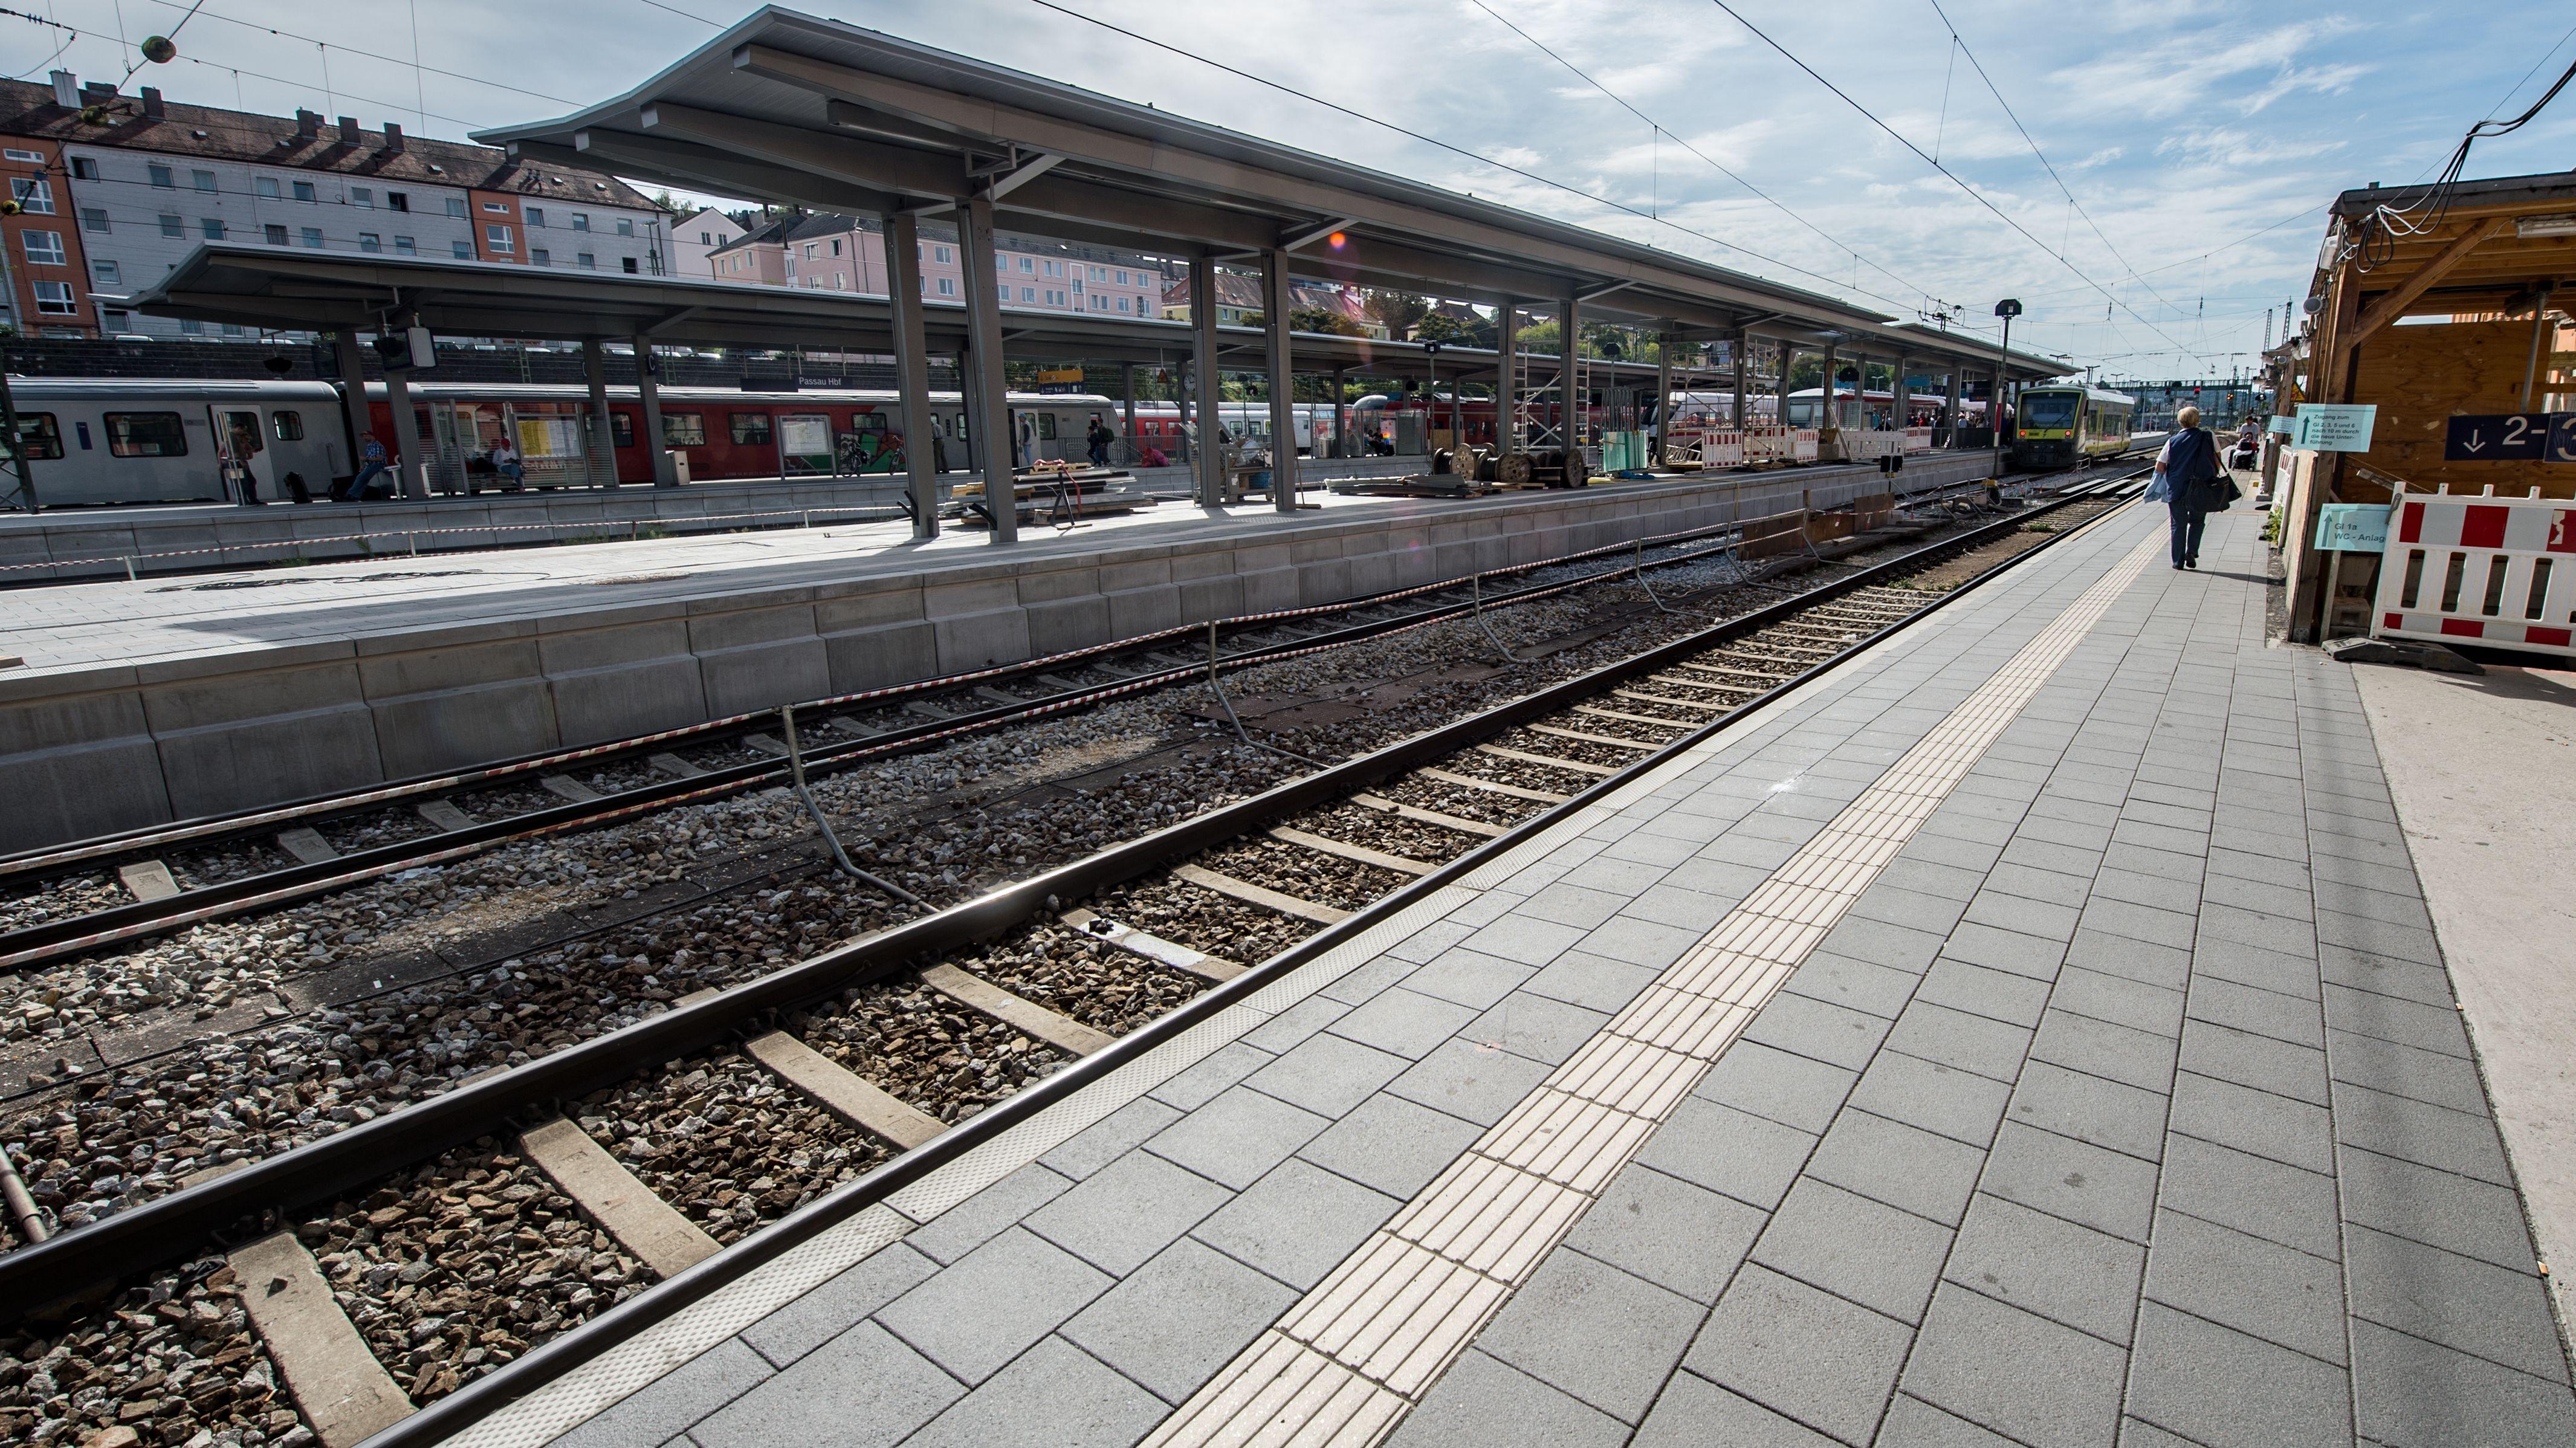 Ein Bahnsteig am Bahnhof in Passau.